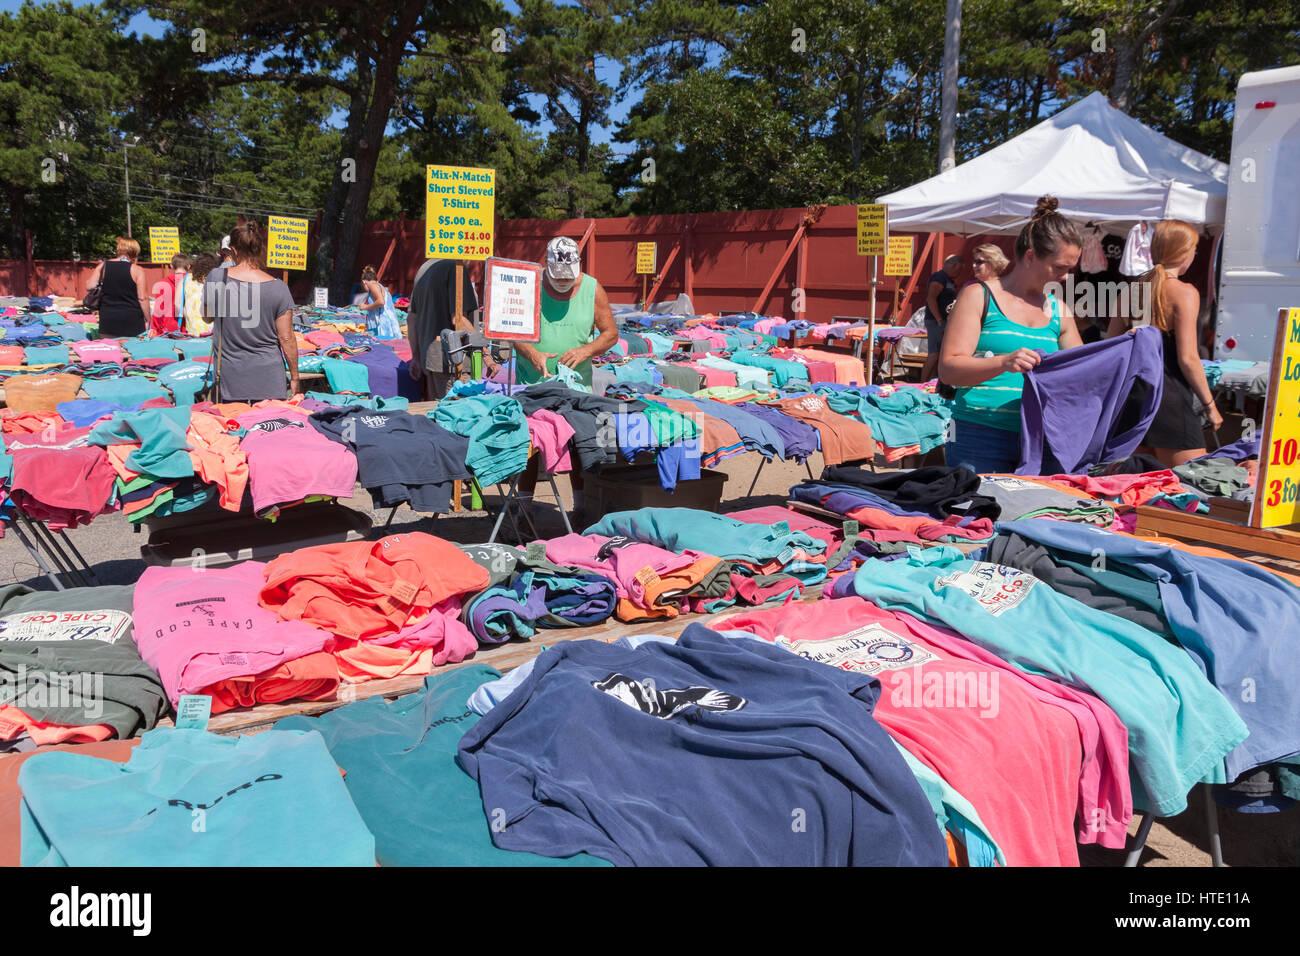 Tee shirts on sale at the Wellfleet Flea Market, Cape Cod, Massachusetts, USA - Stock Image